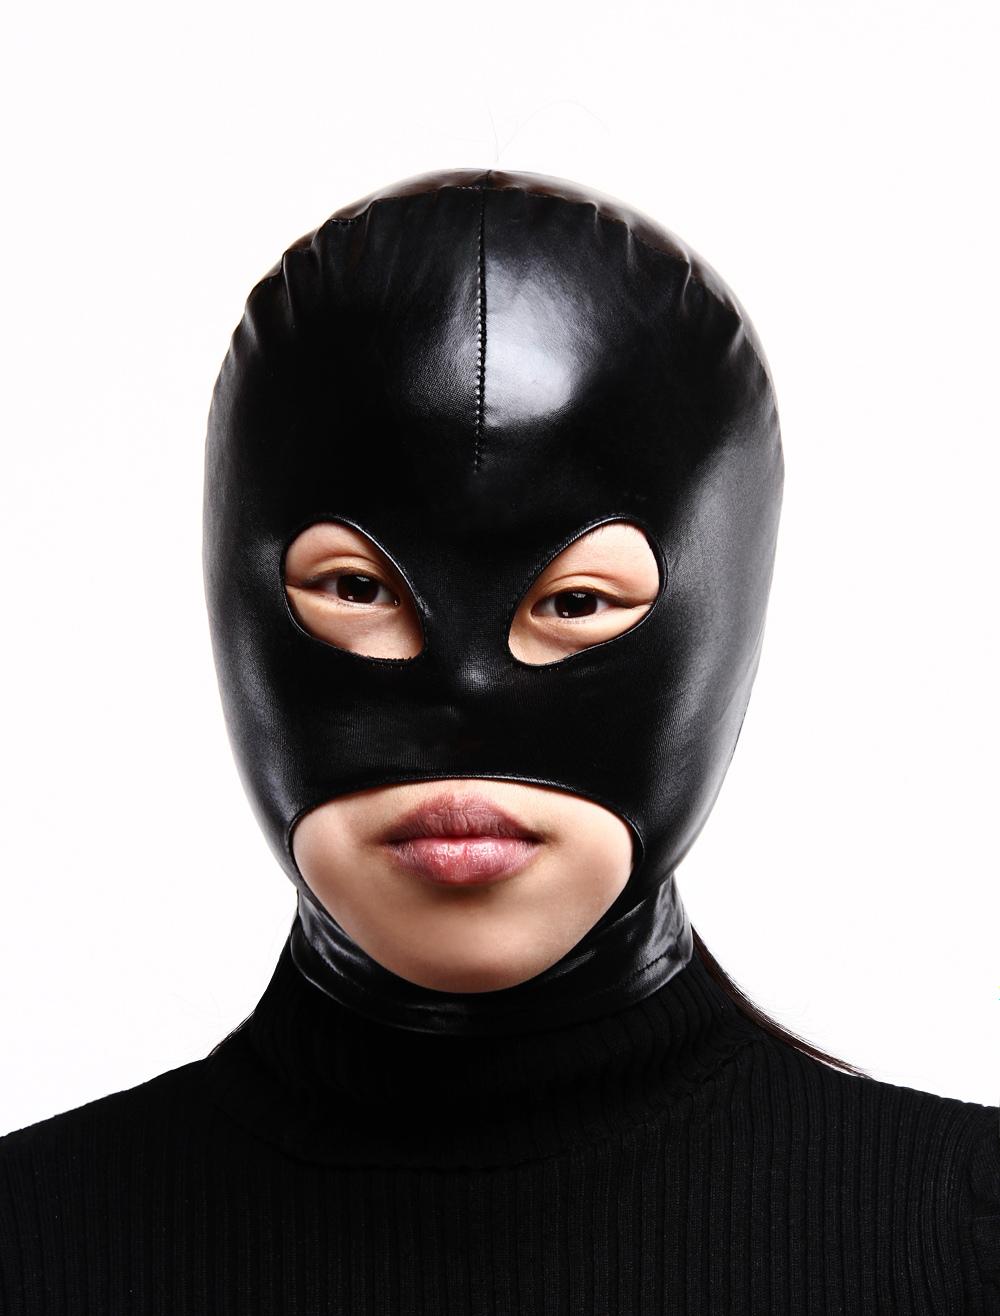 Halloween Black Shiny Metallic Hood with Eyes and Mouth Opened Halloween